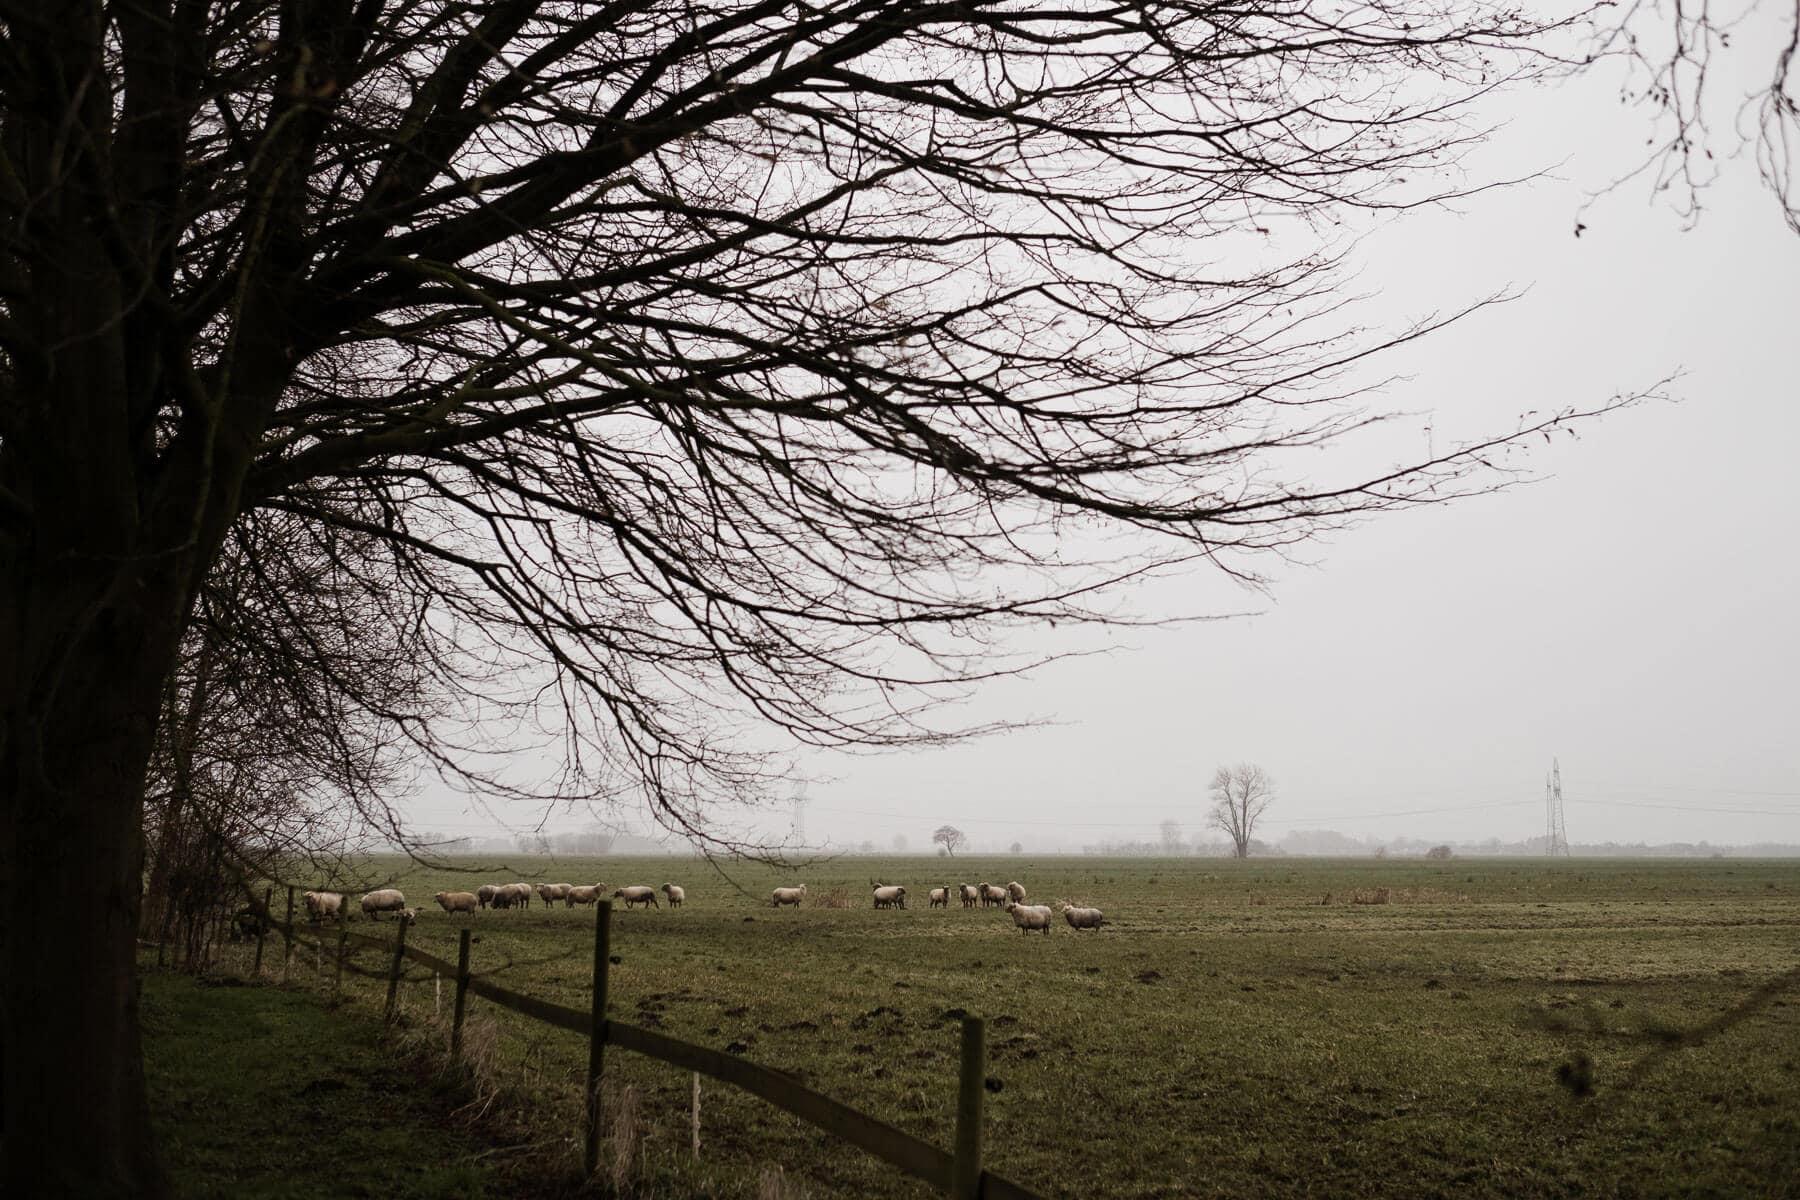 eine große Wiese, auf der Schafe stehen, im Vordergrund steht ein kahler Baum, es ist Winter